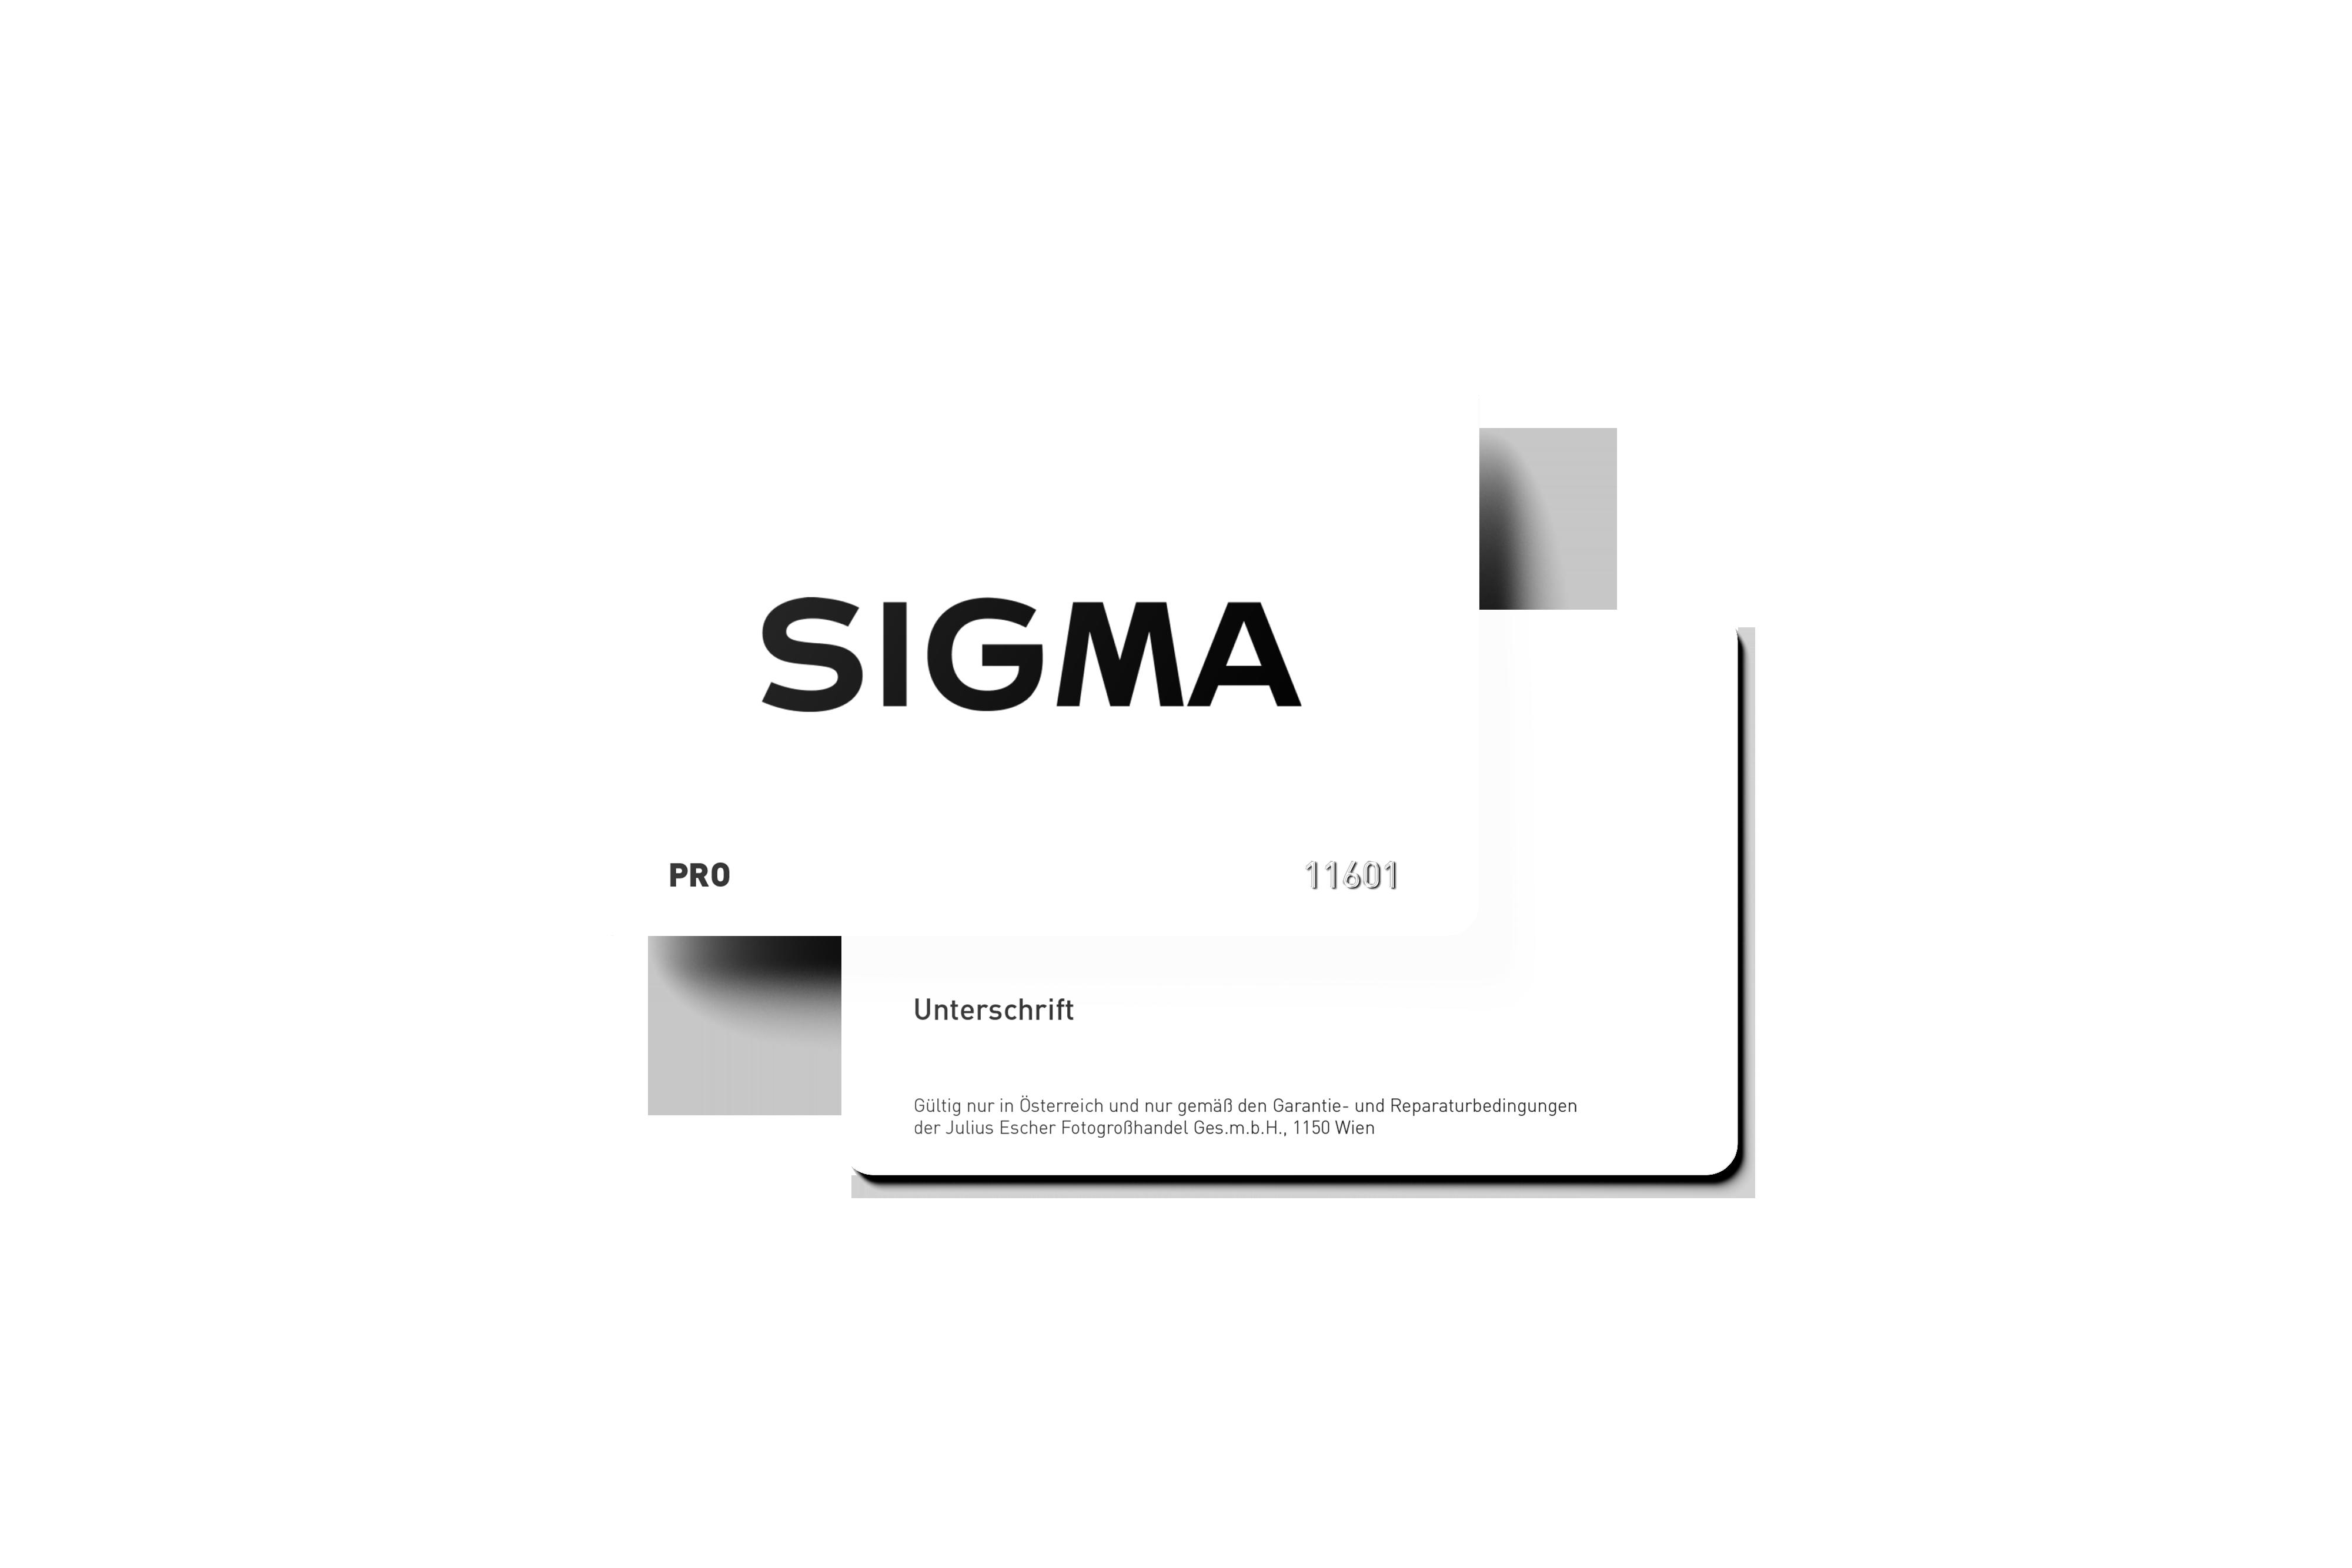 SIGMA Österreich Pro Kundenkarte